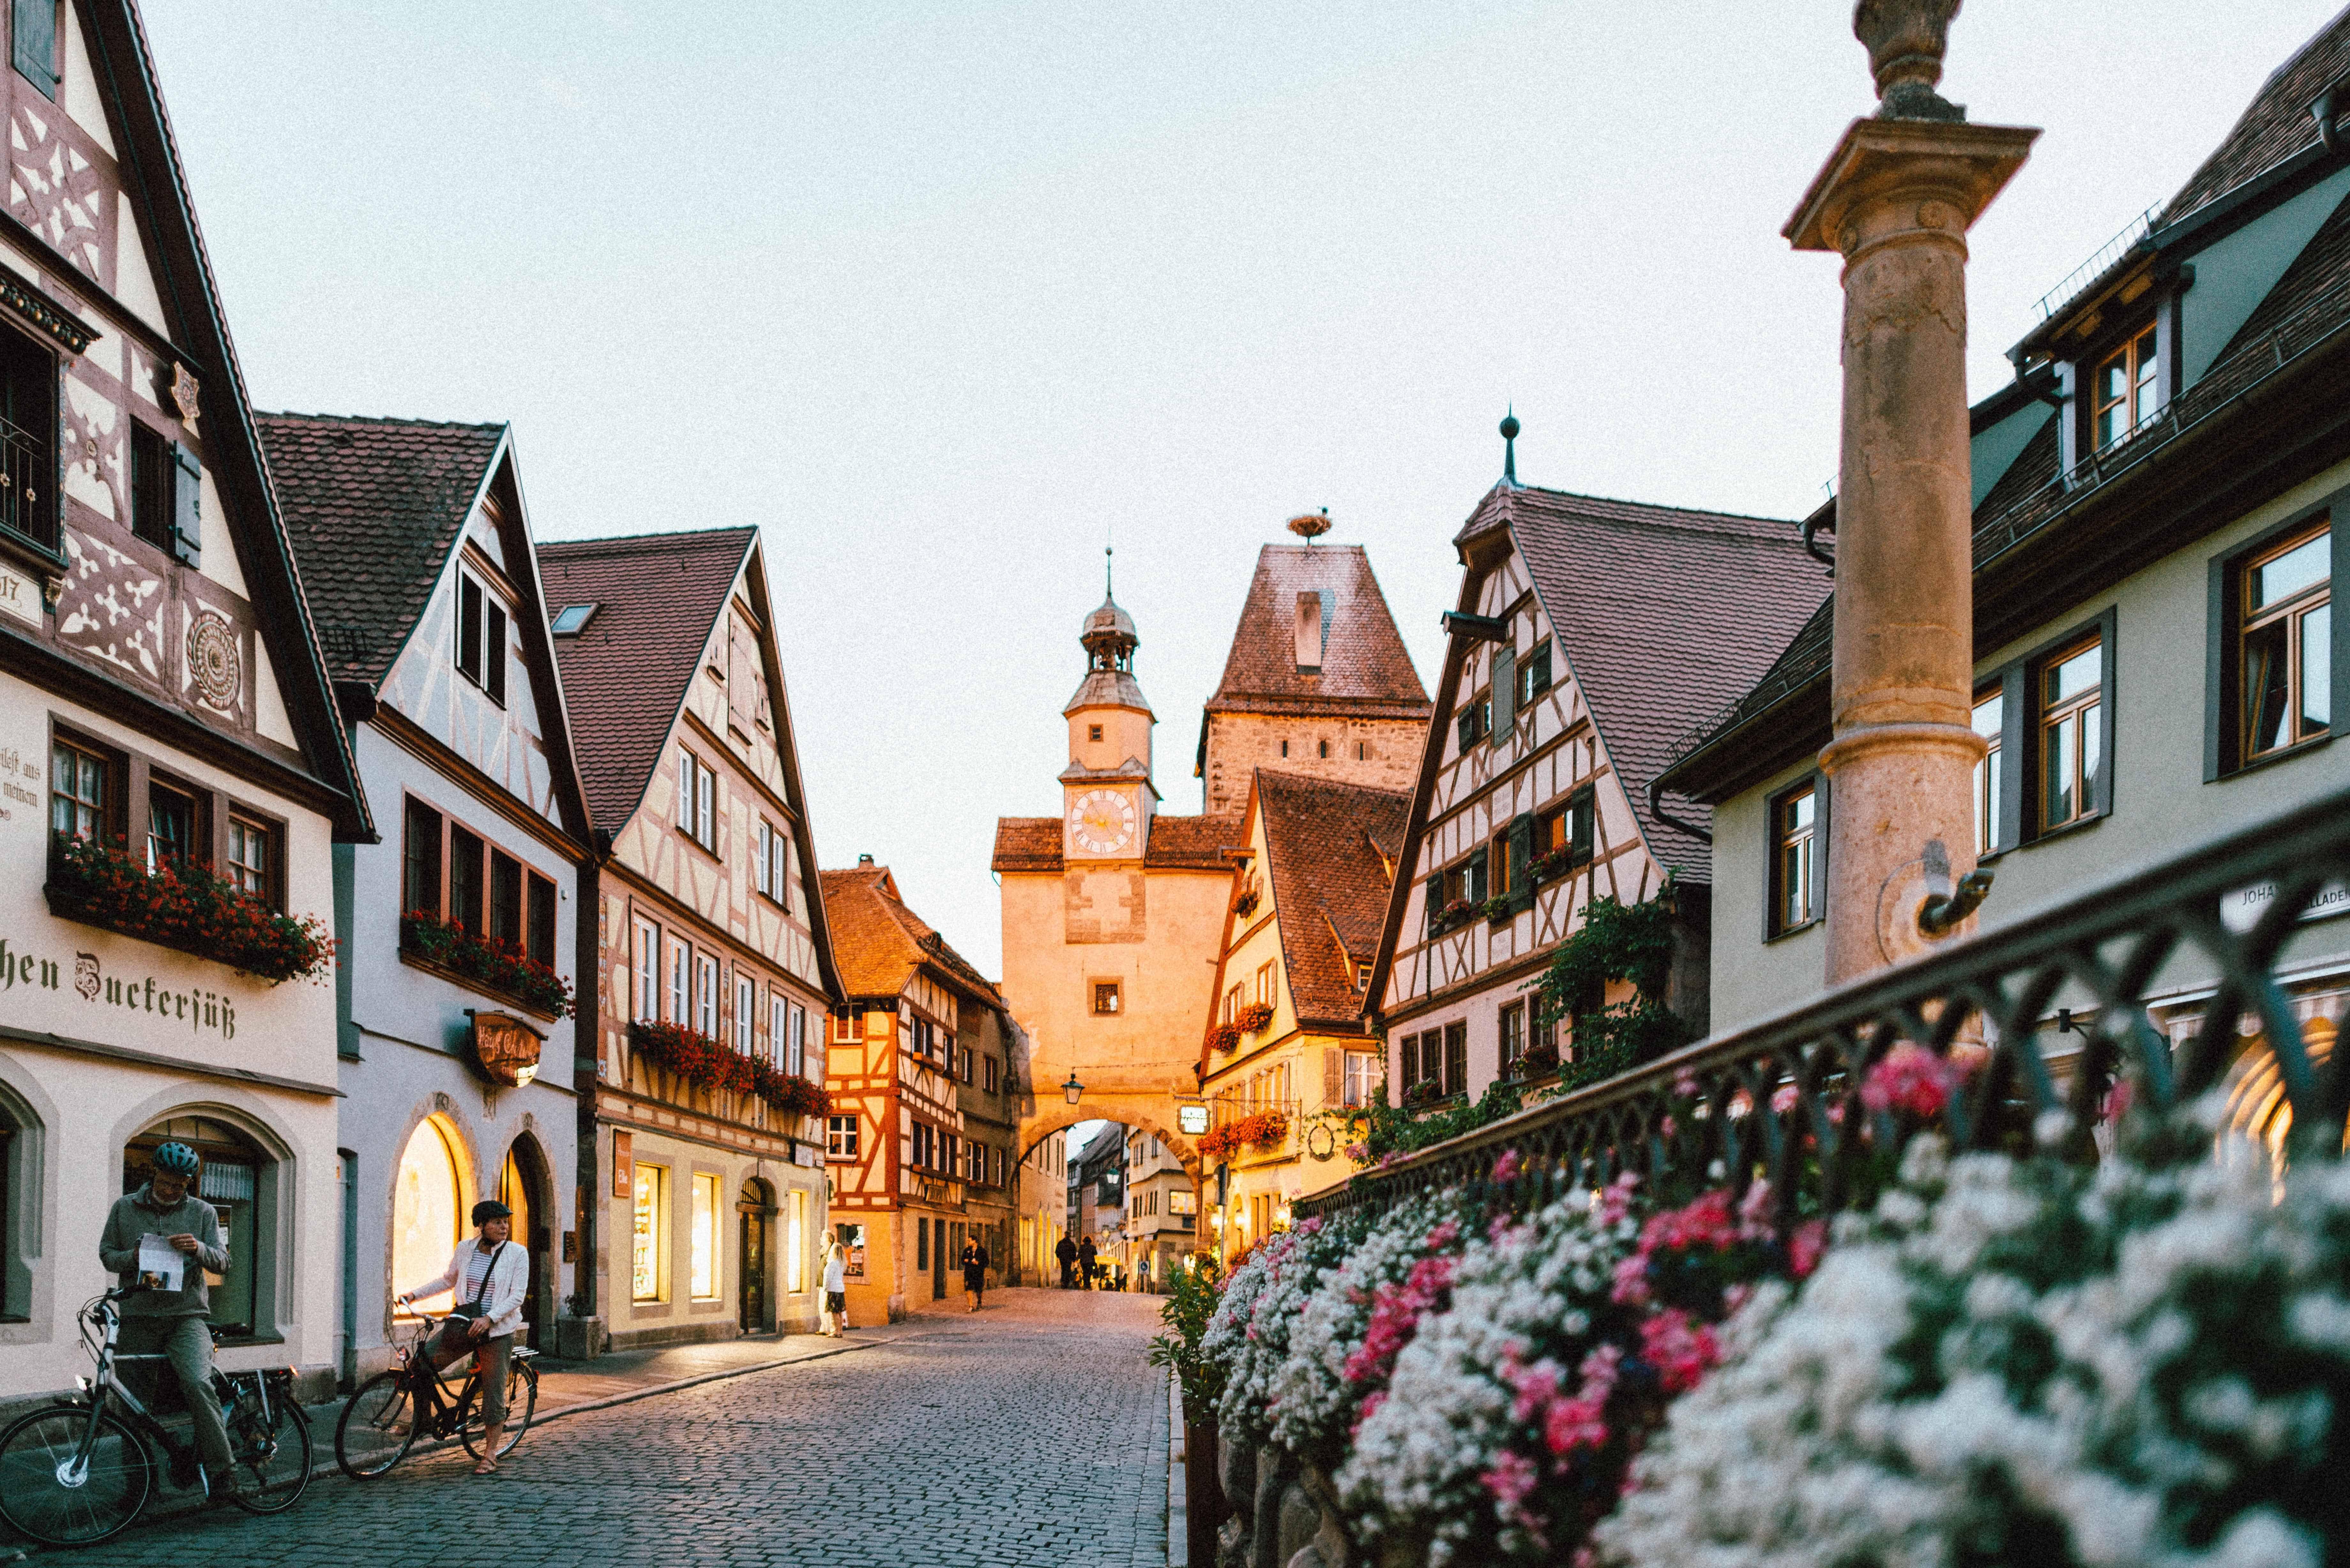 Fietser in een straatje van het Duitse dorpje Rothenburg ob der Taube.